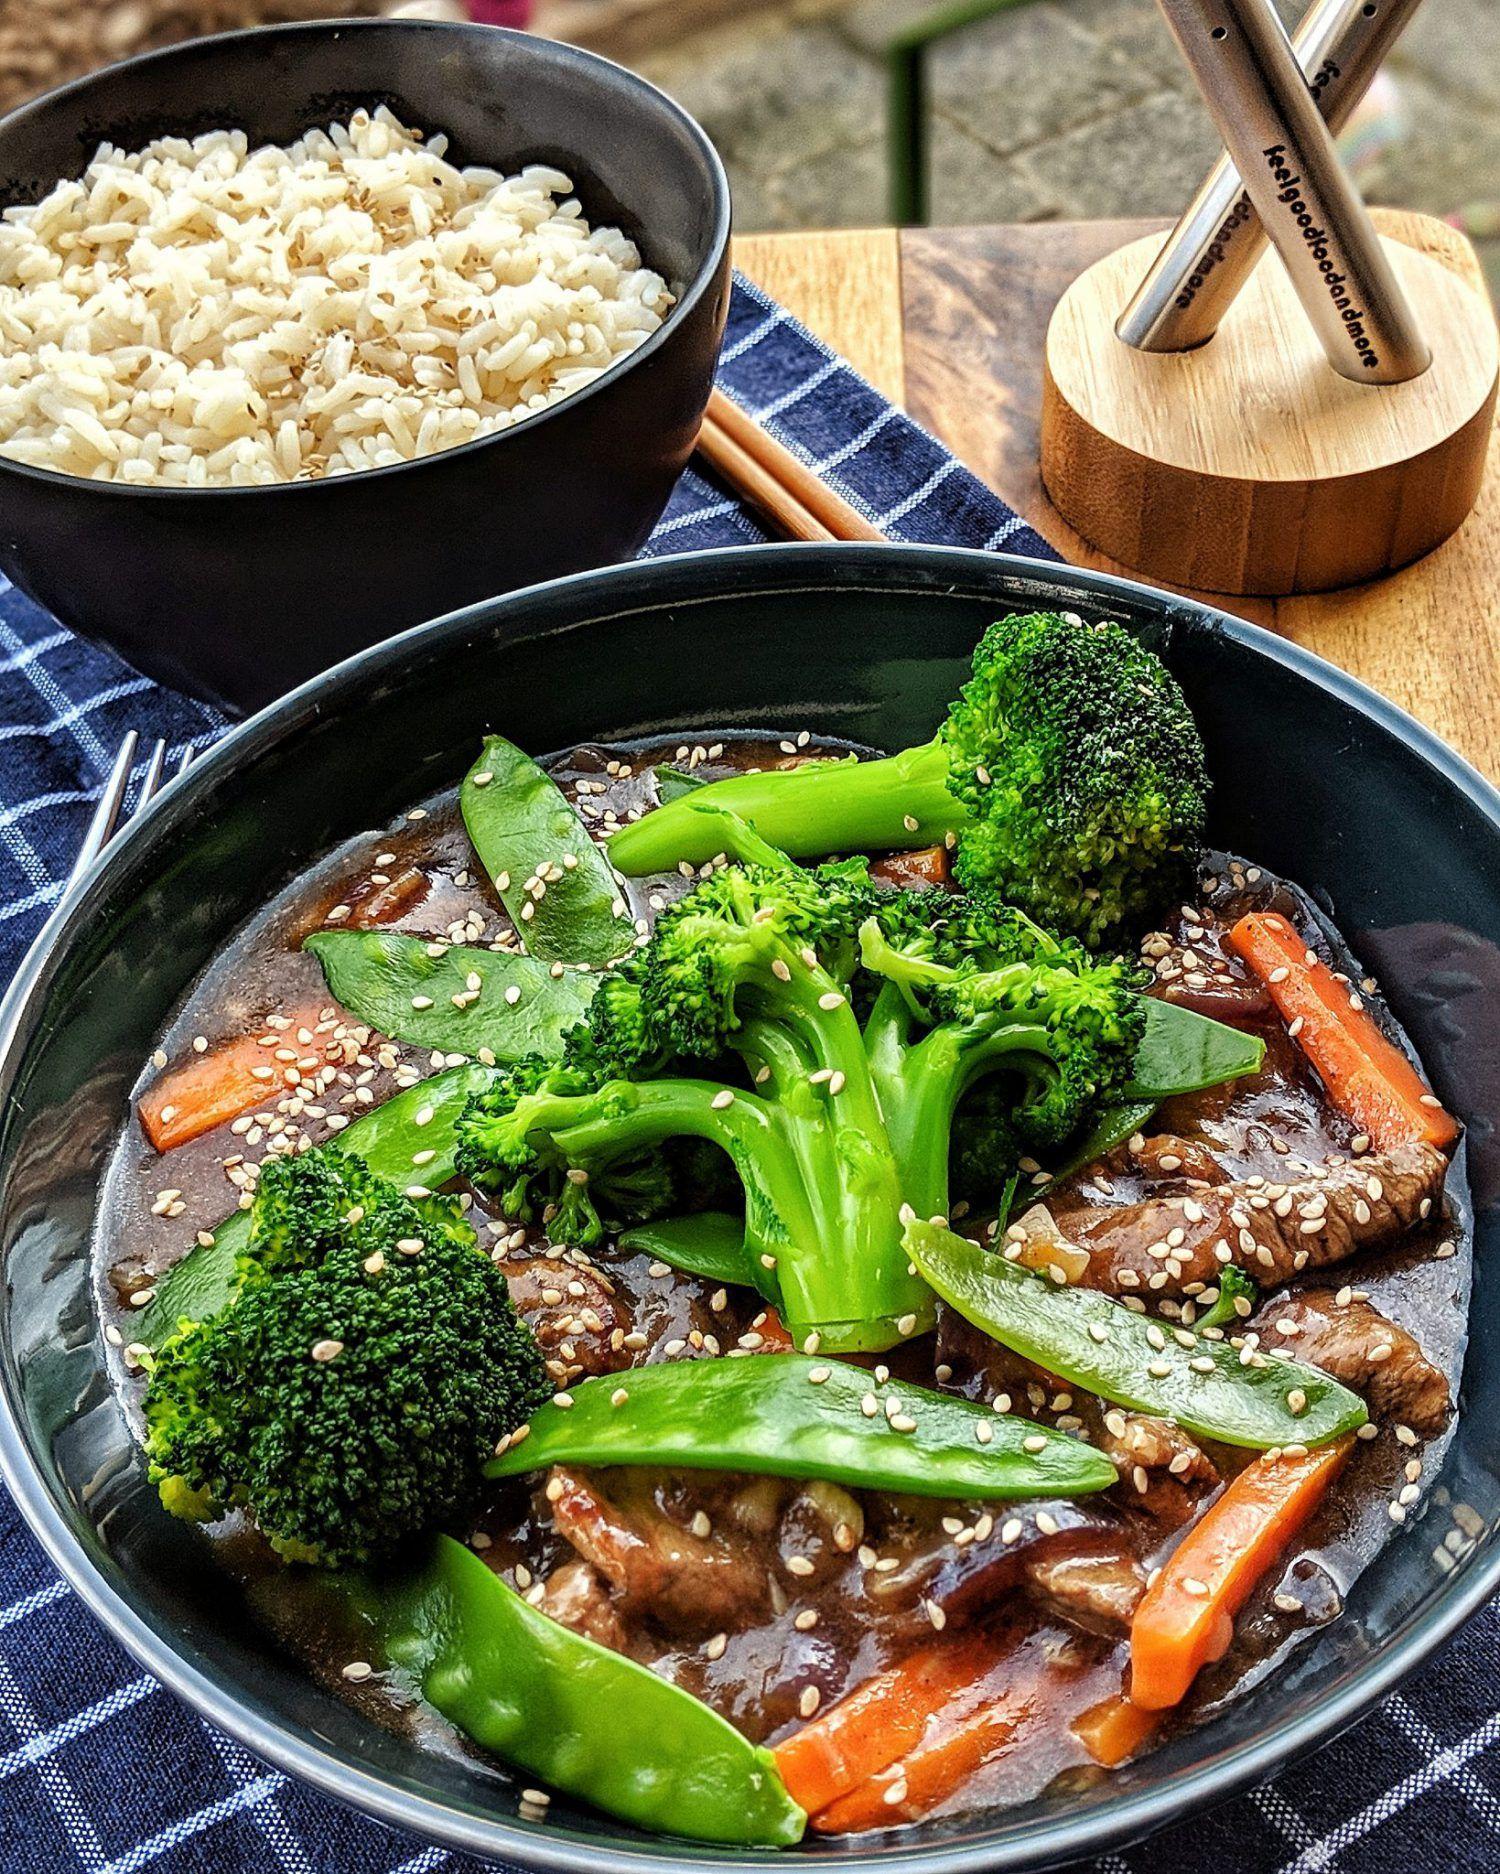 Zuckerschoten Rindfleisch Kochrezepte Instakochde Streifen Brokkoli Basmati Rezepte Kochen Reis Mit Und Asian Vegetables Broccoli Jamaican Recipes